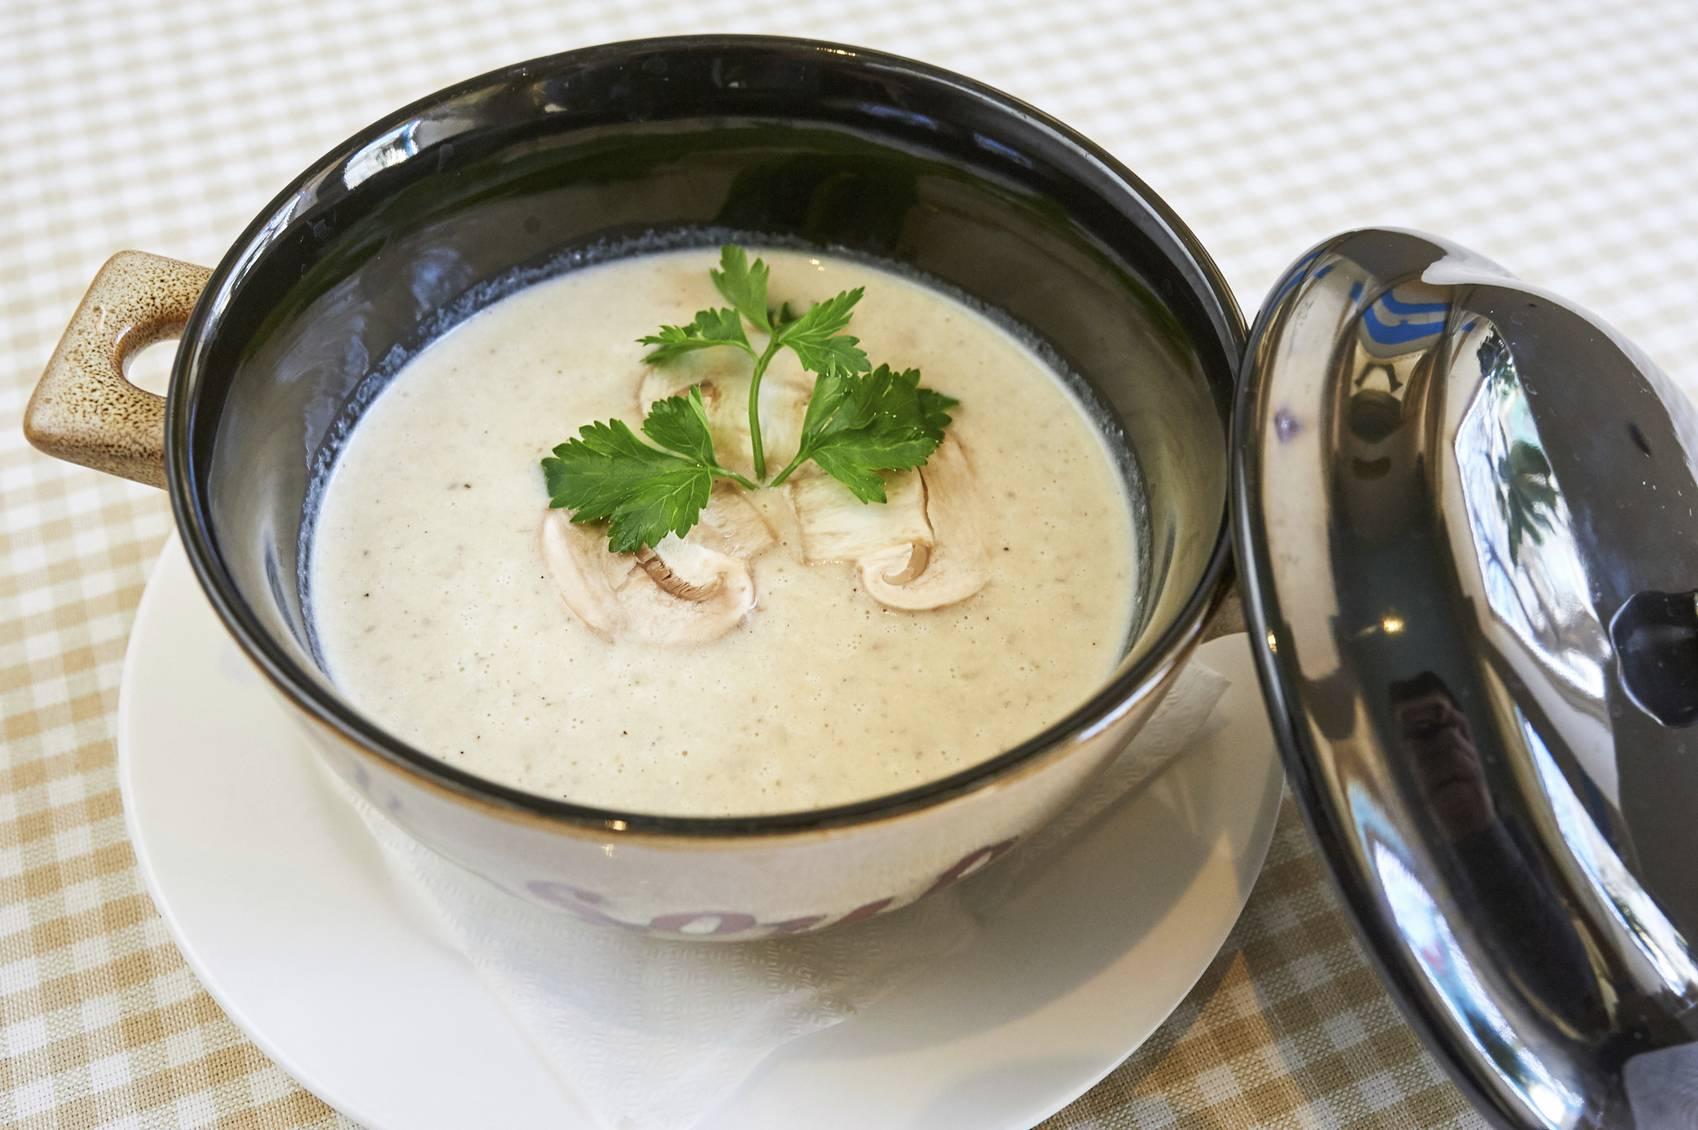 Zuppa cremosa di funghi porcini, un sapore unico e delicato